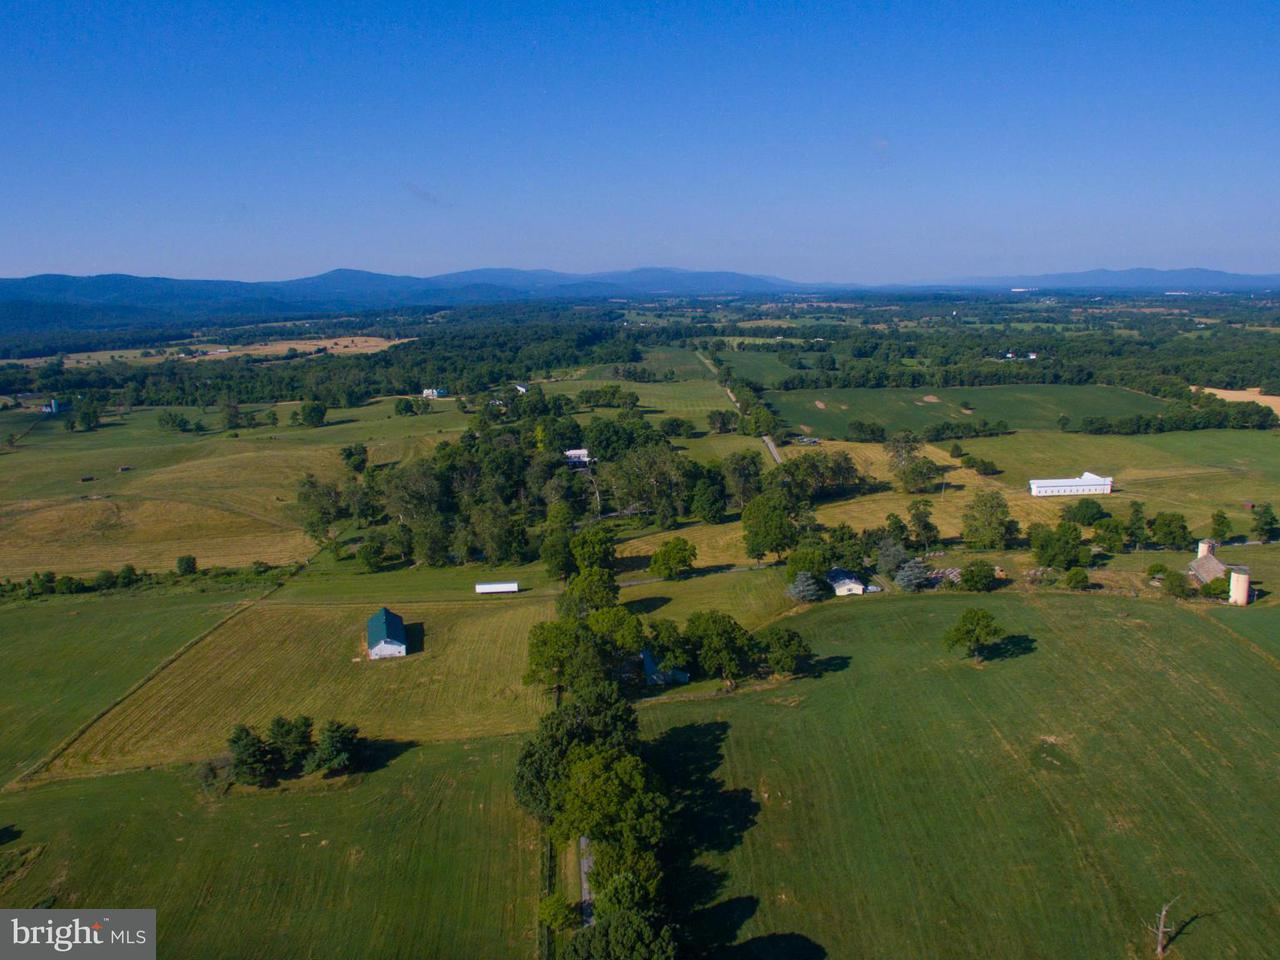 农场 为 销售 在 466 MONTANA HALL LN S 466 MONTANA HALL LN S White Post, 弗吉尼亚州 22663 美国